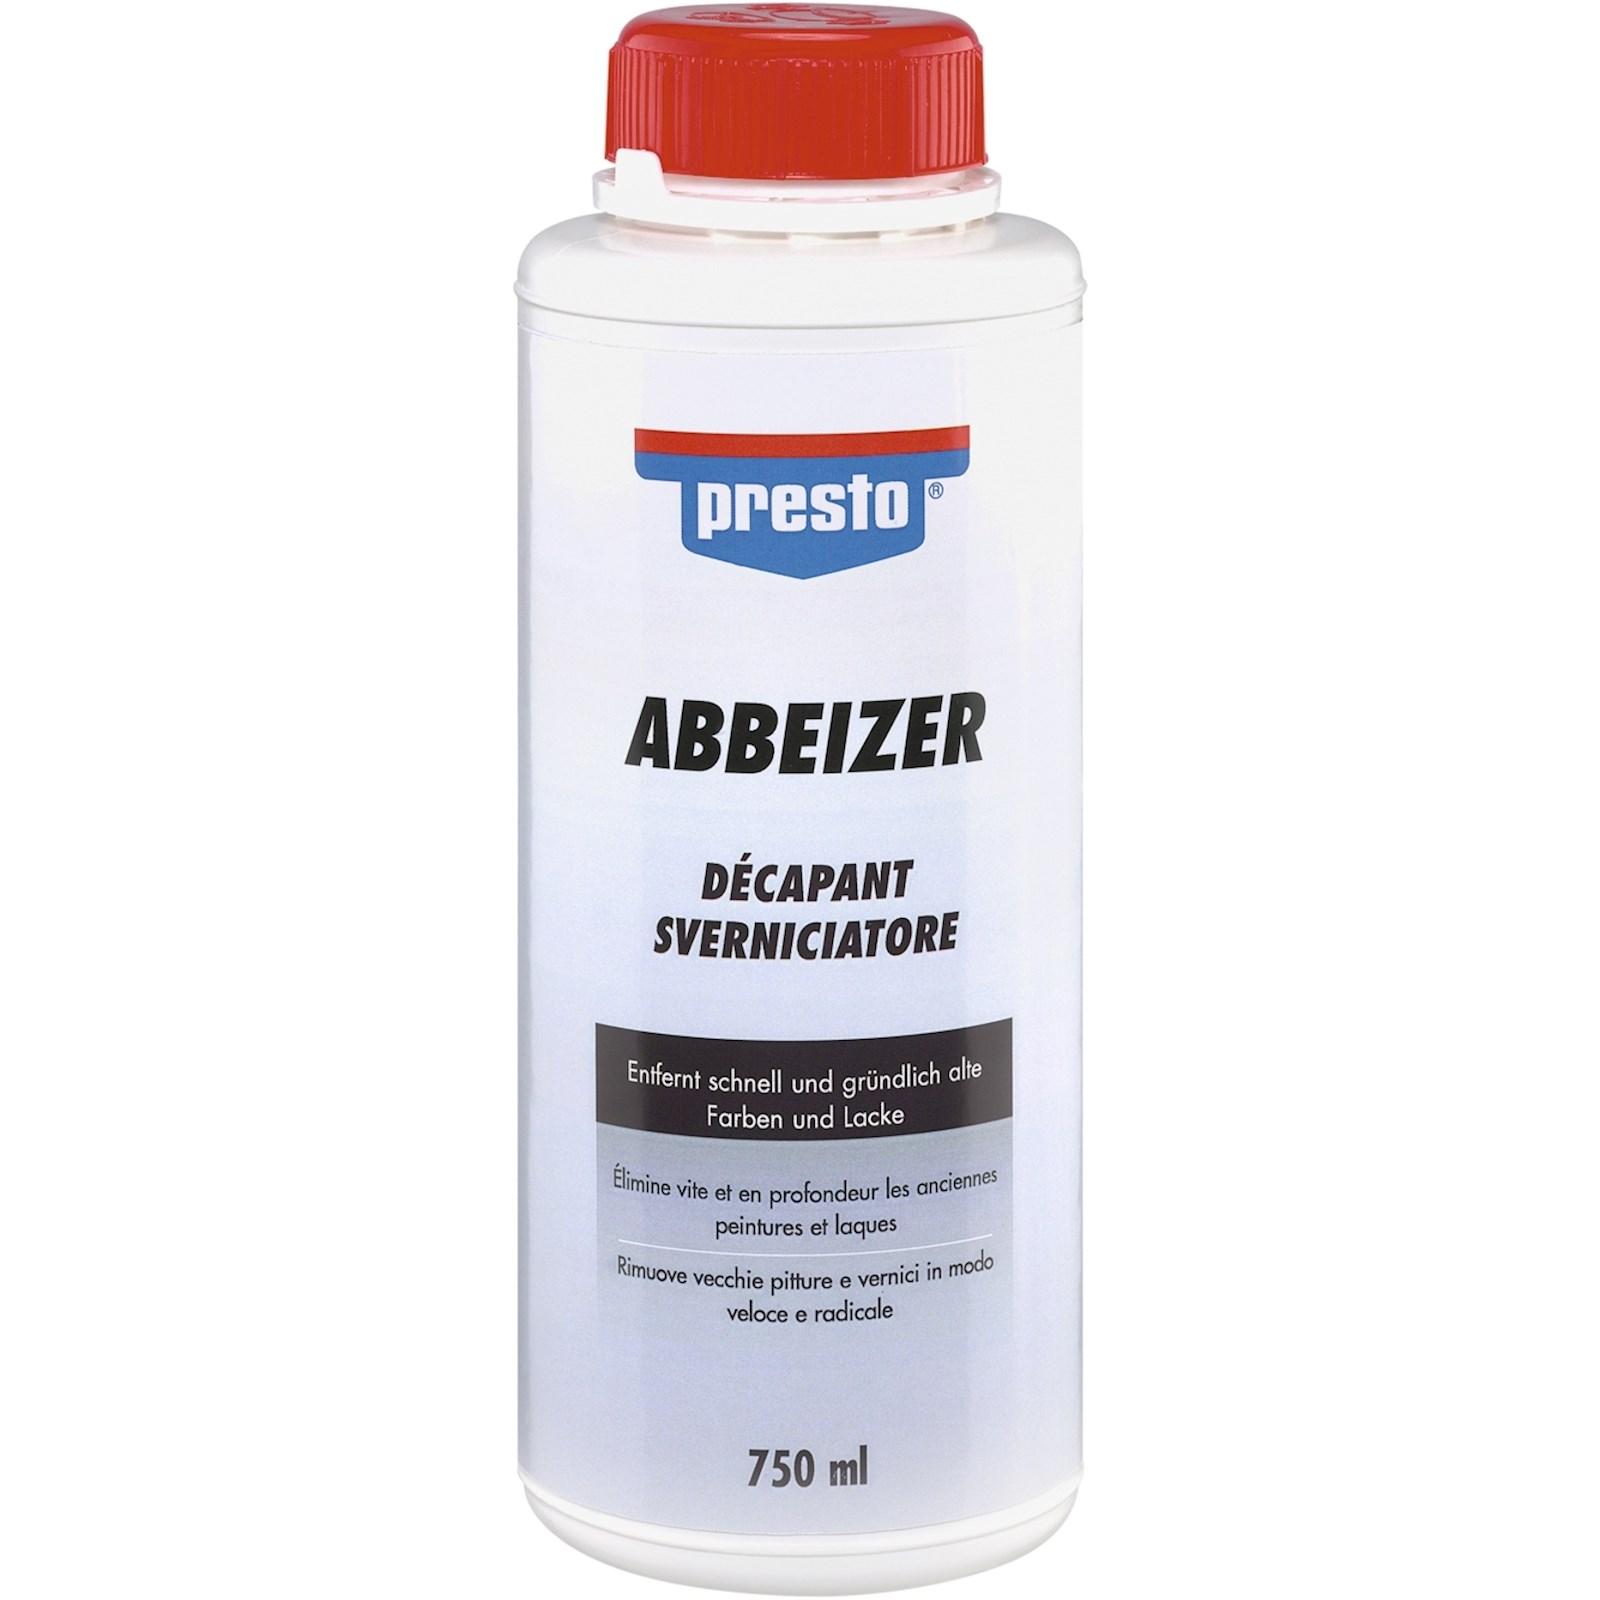 abbeizer 750 ml - farben / lacke - landi